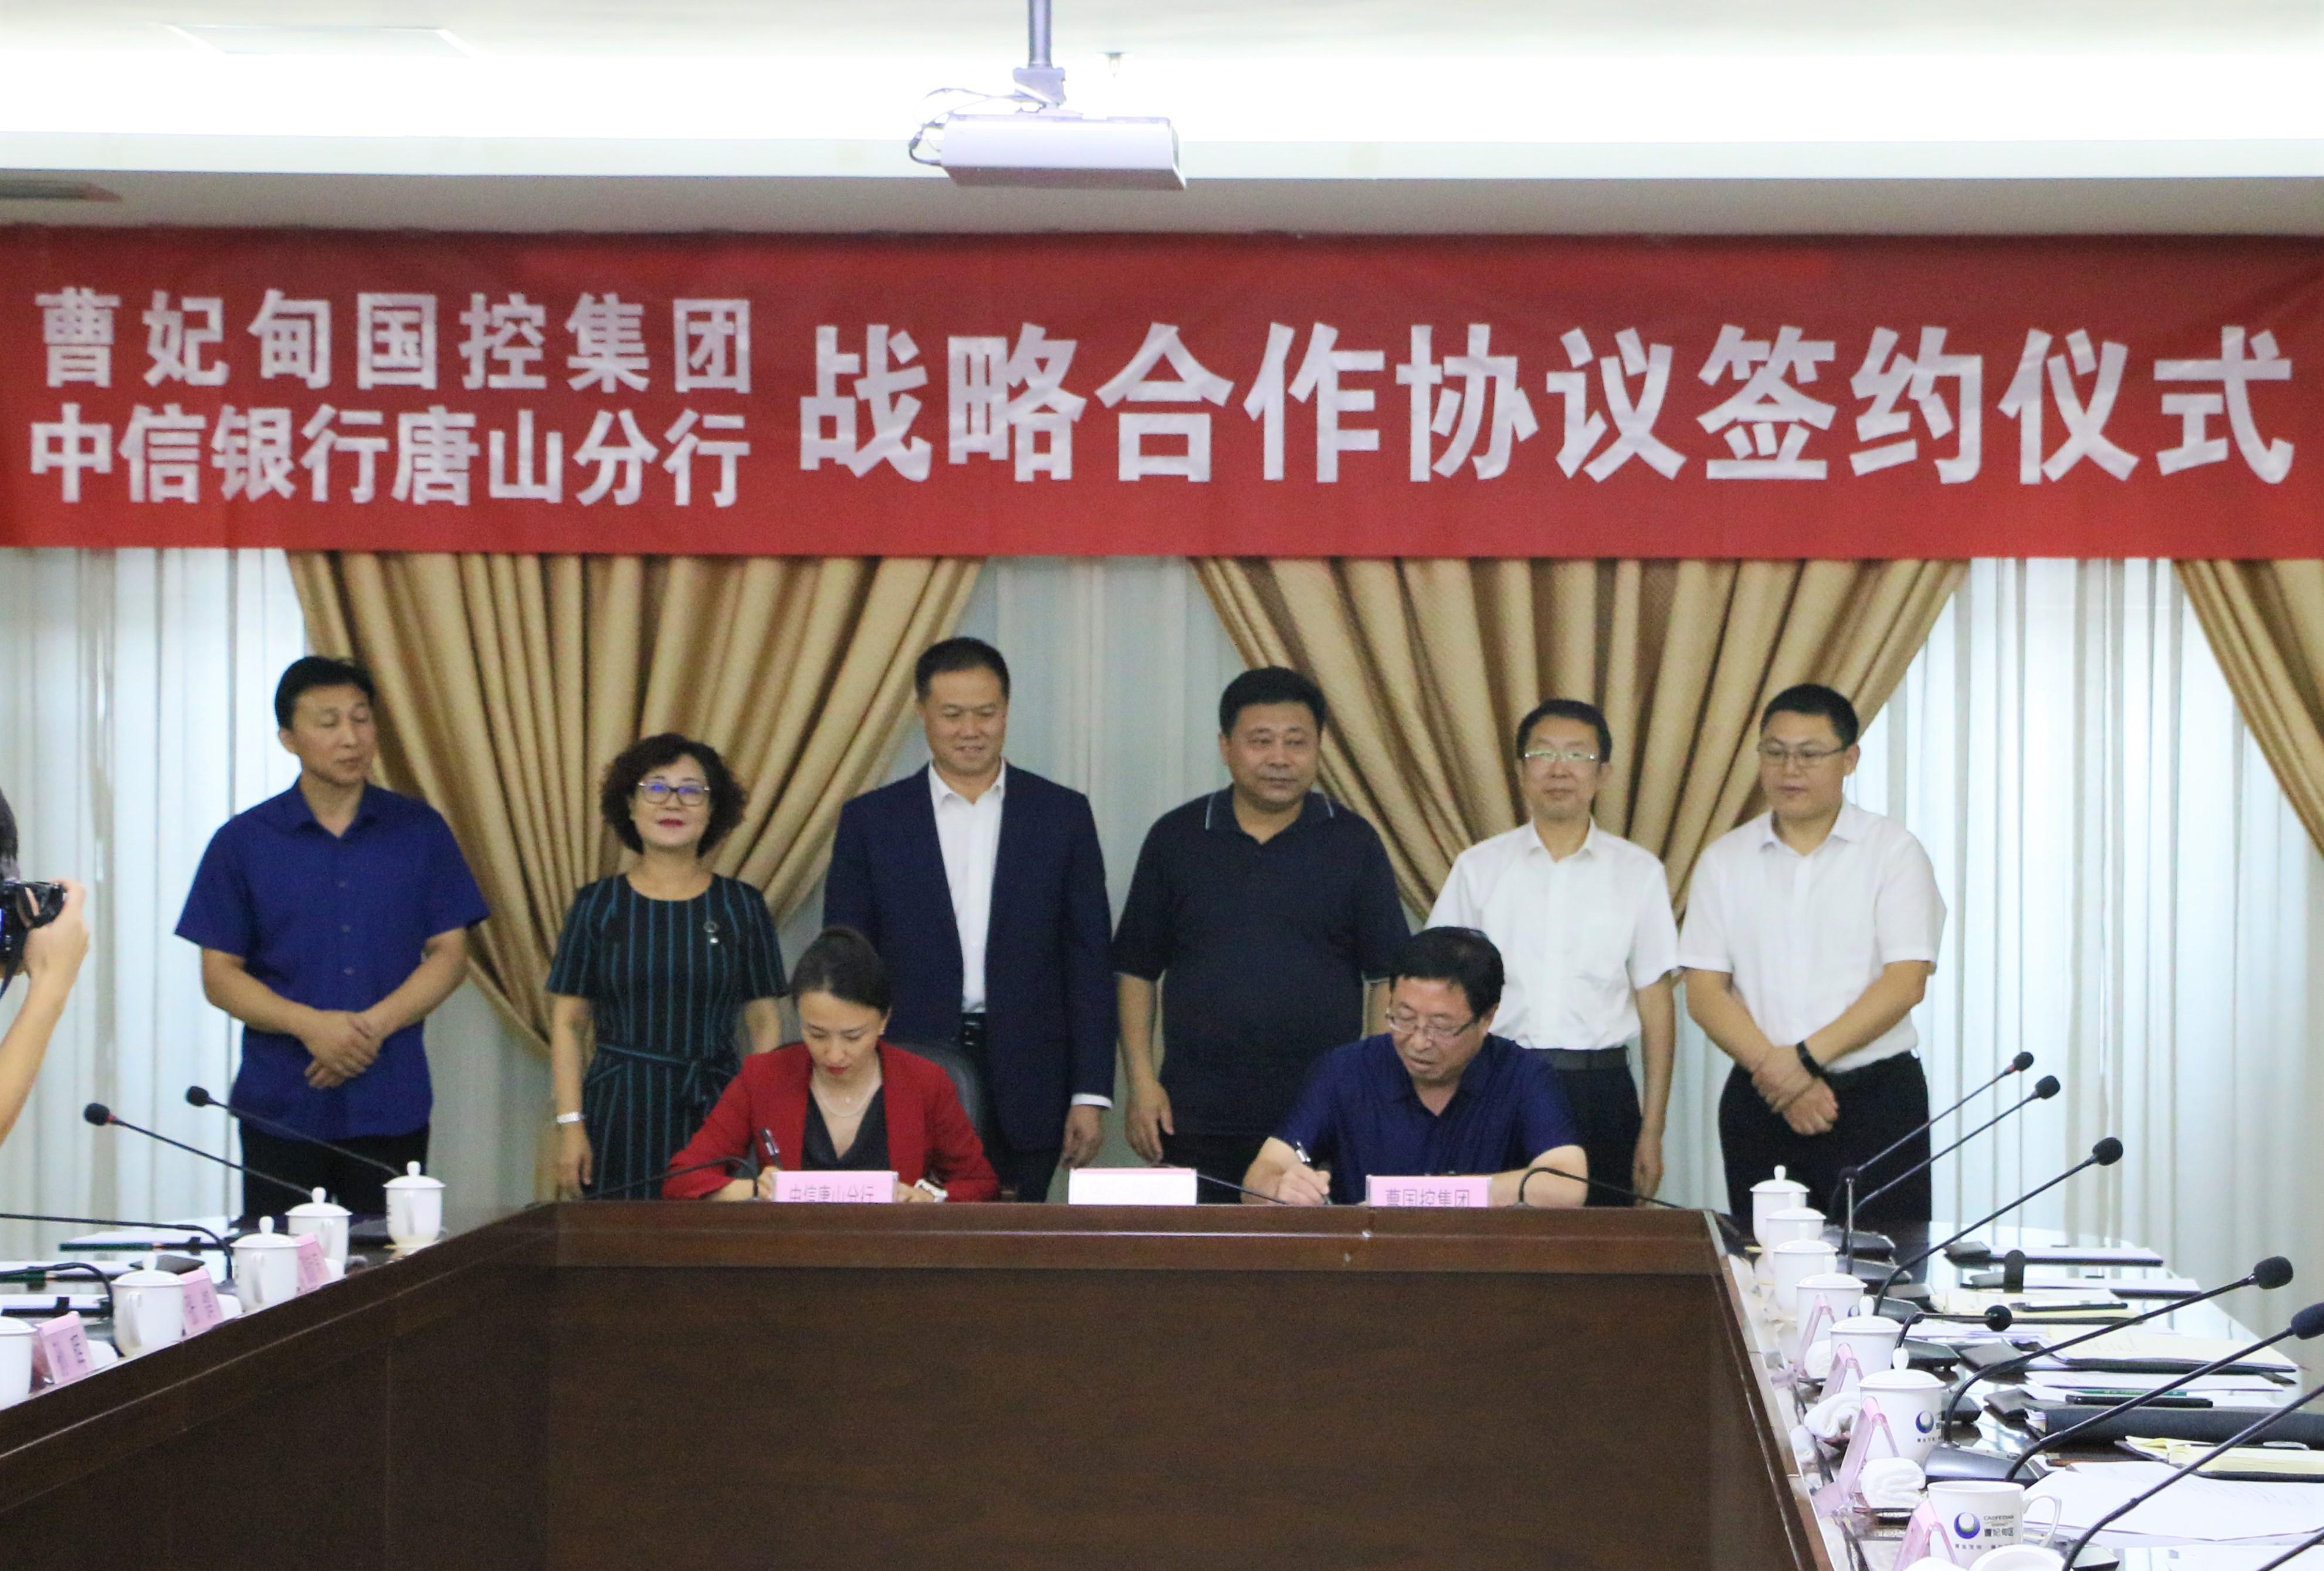 中信银行唐山分行与曹妃甸国控投资集团有限公司签署战略合作协议